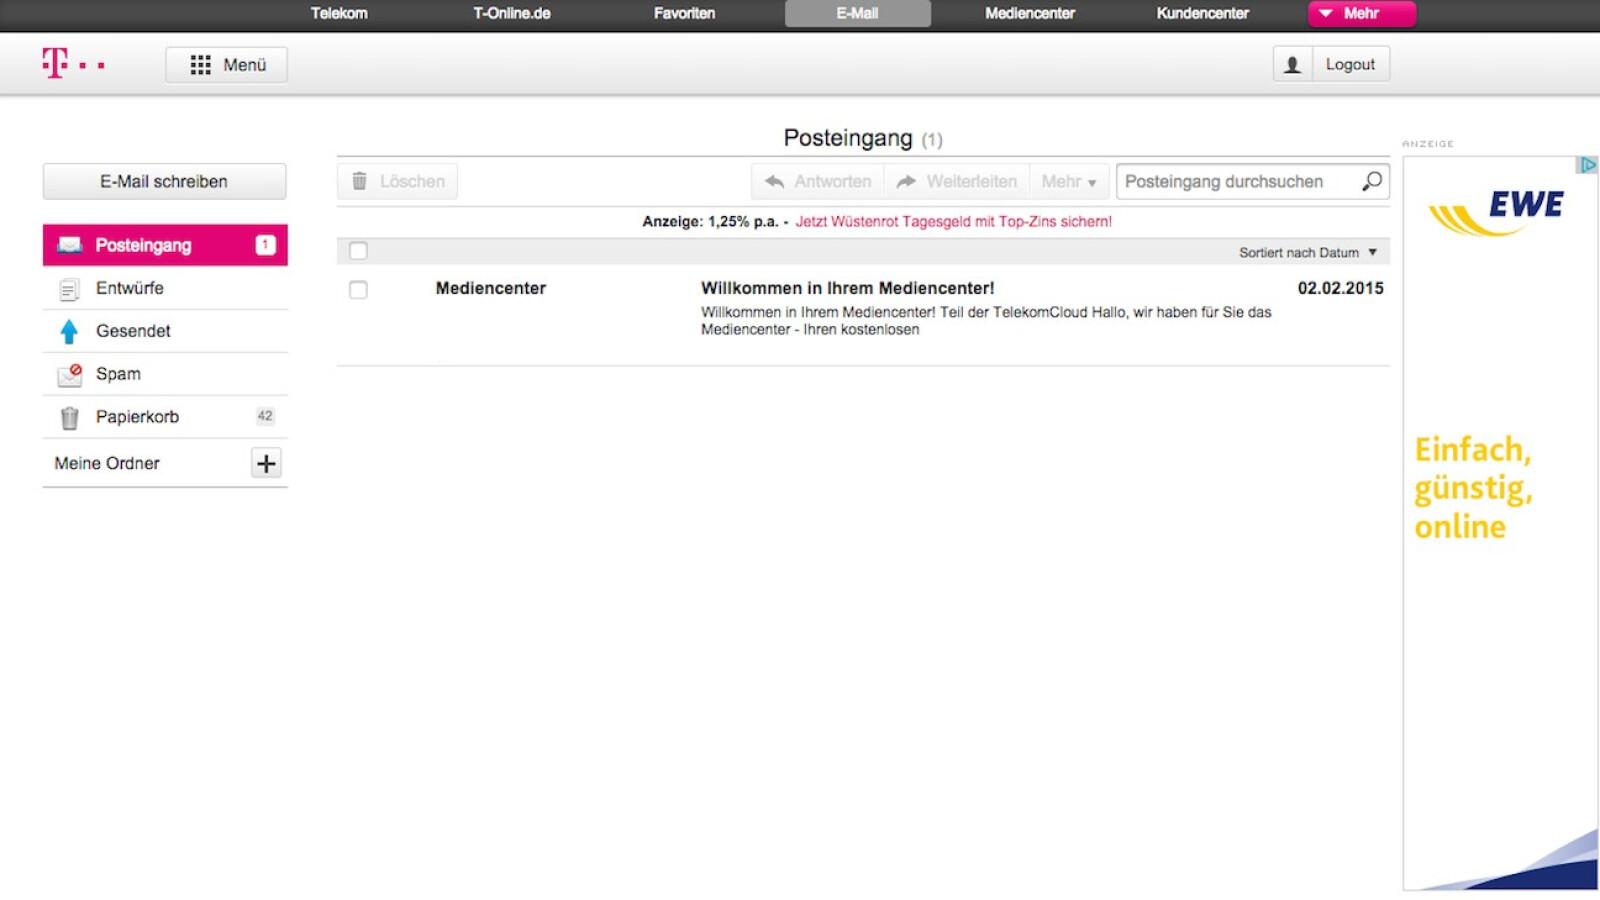 Email Postfach Der Telekom